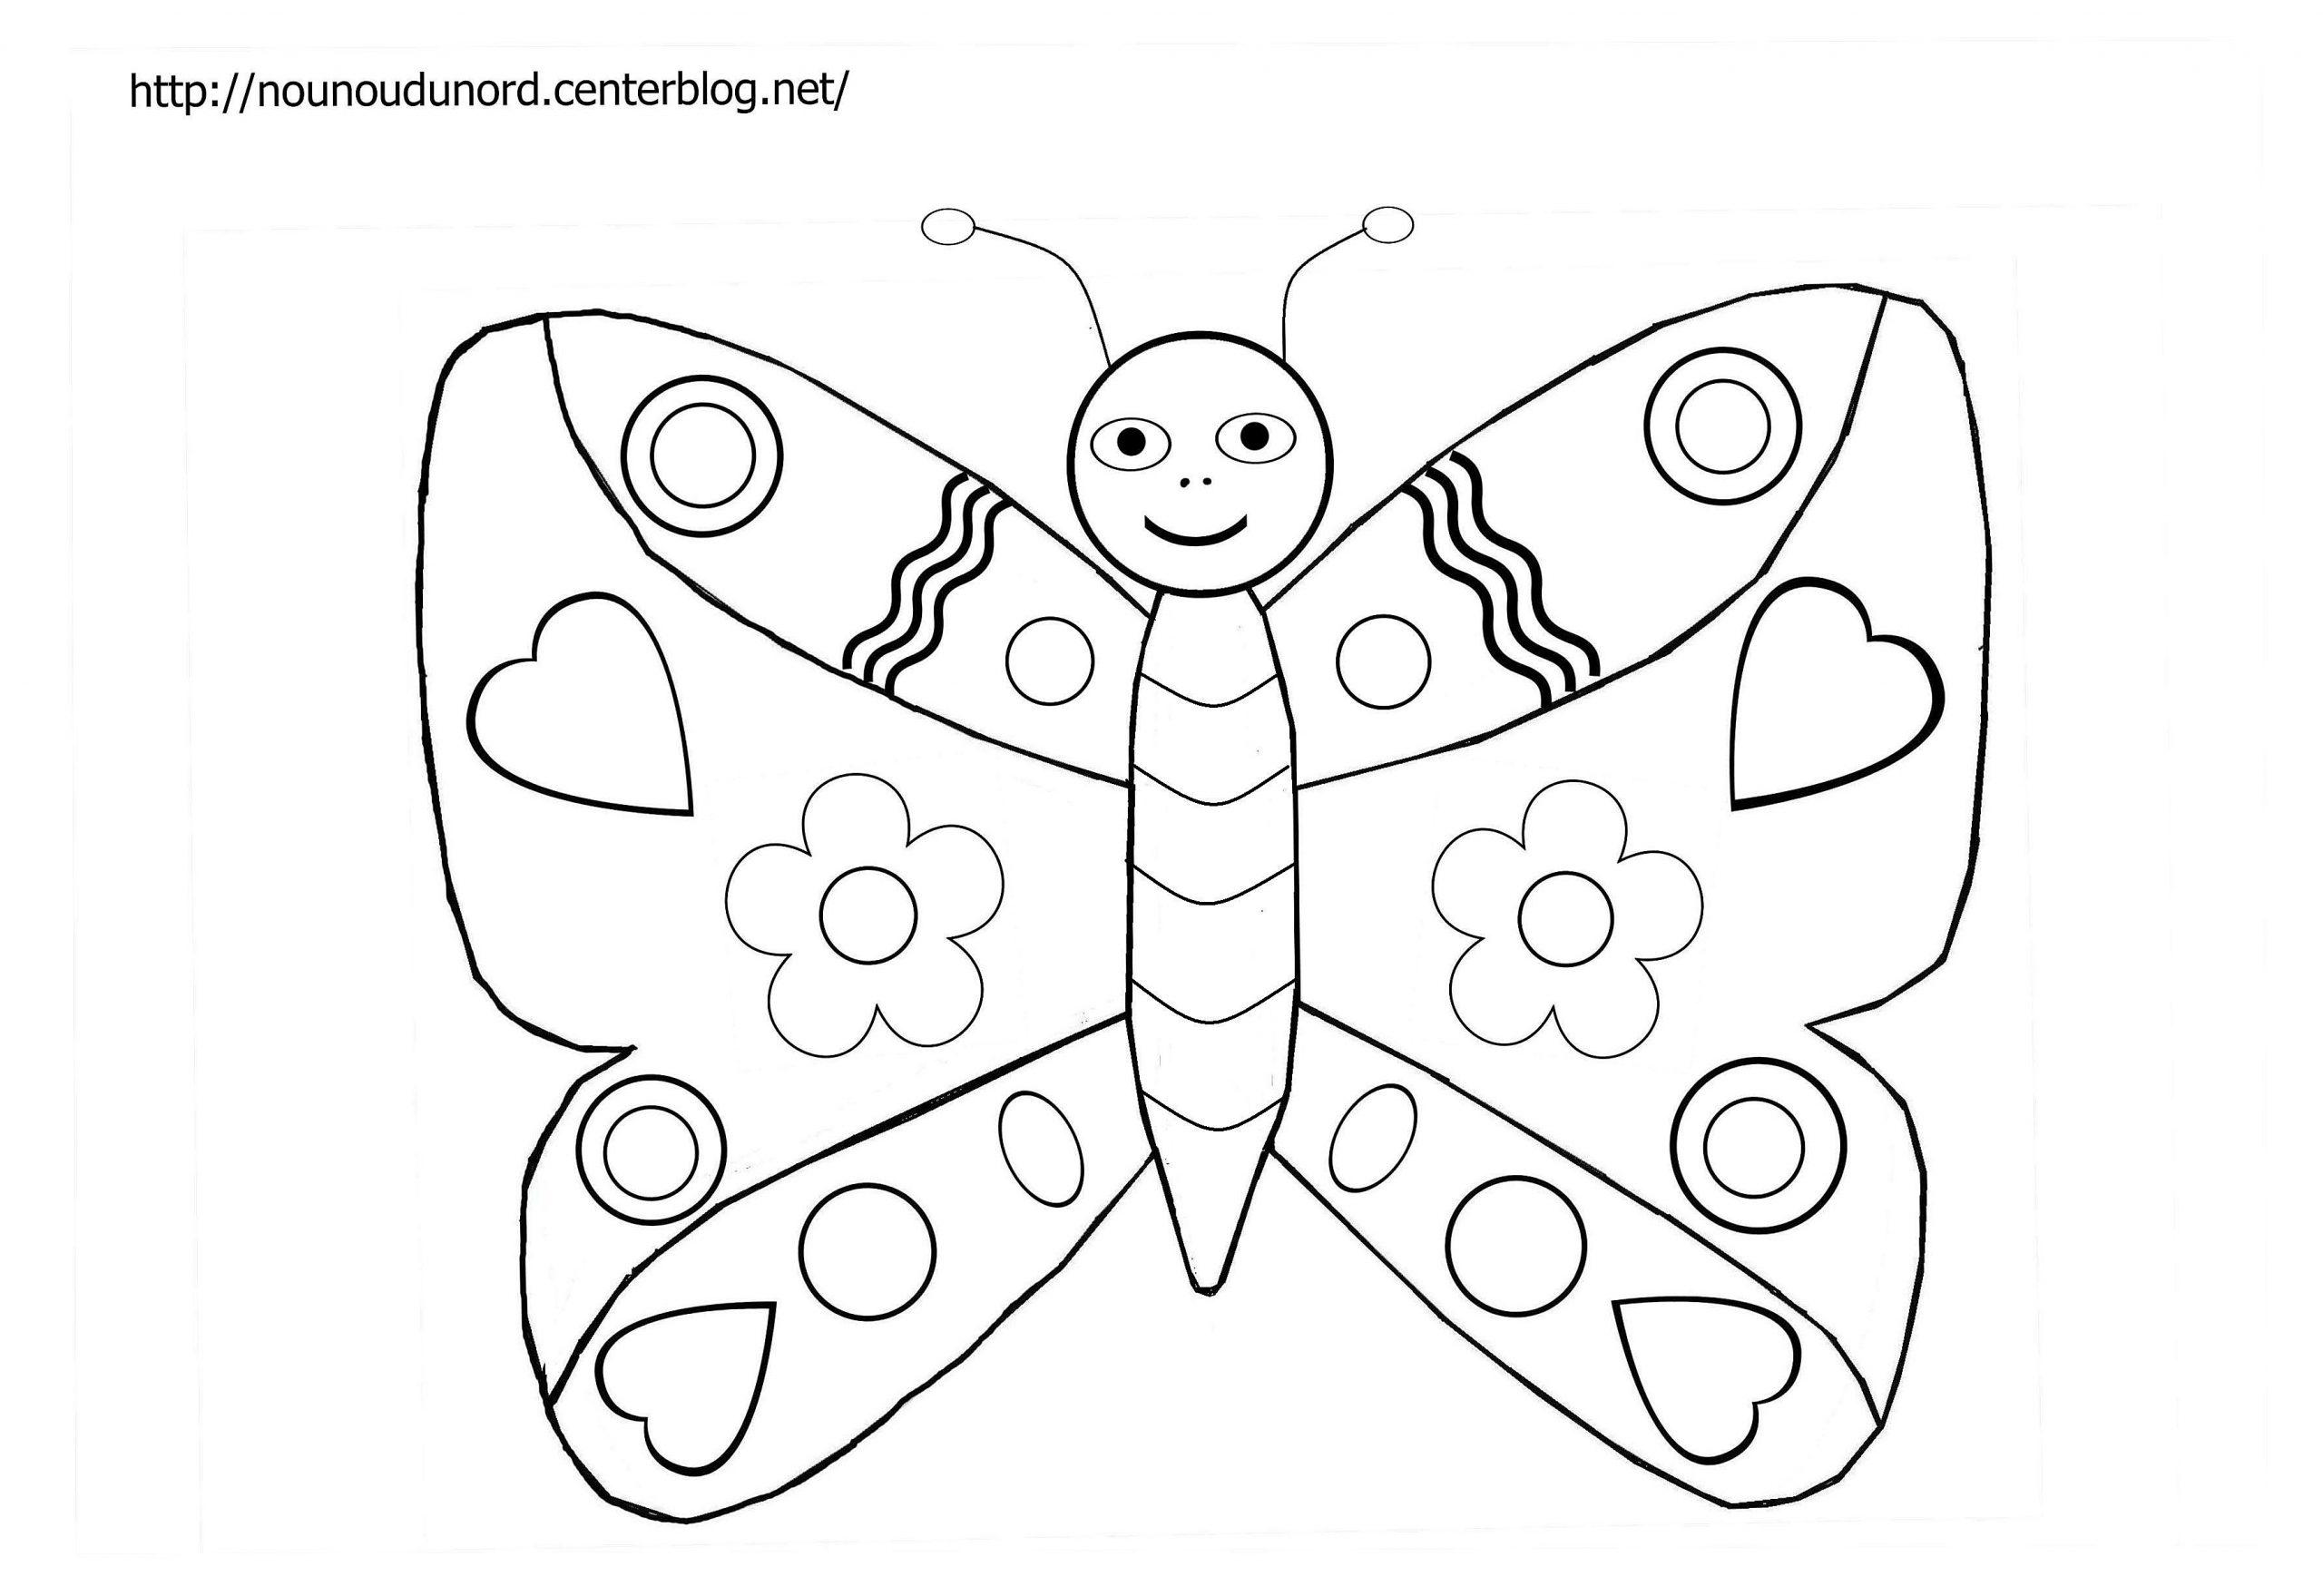 Papillon #38 (Animaux) – Coloriages À Imprimer destiné Dessin A Imprimer Papillon Gratuit